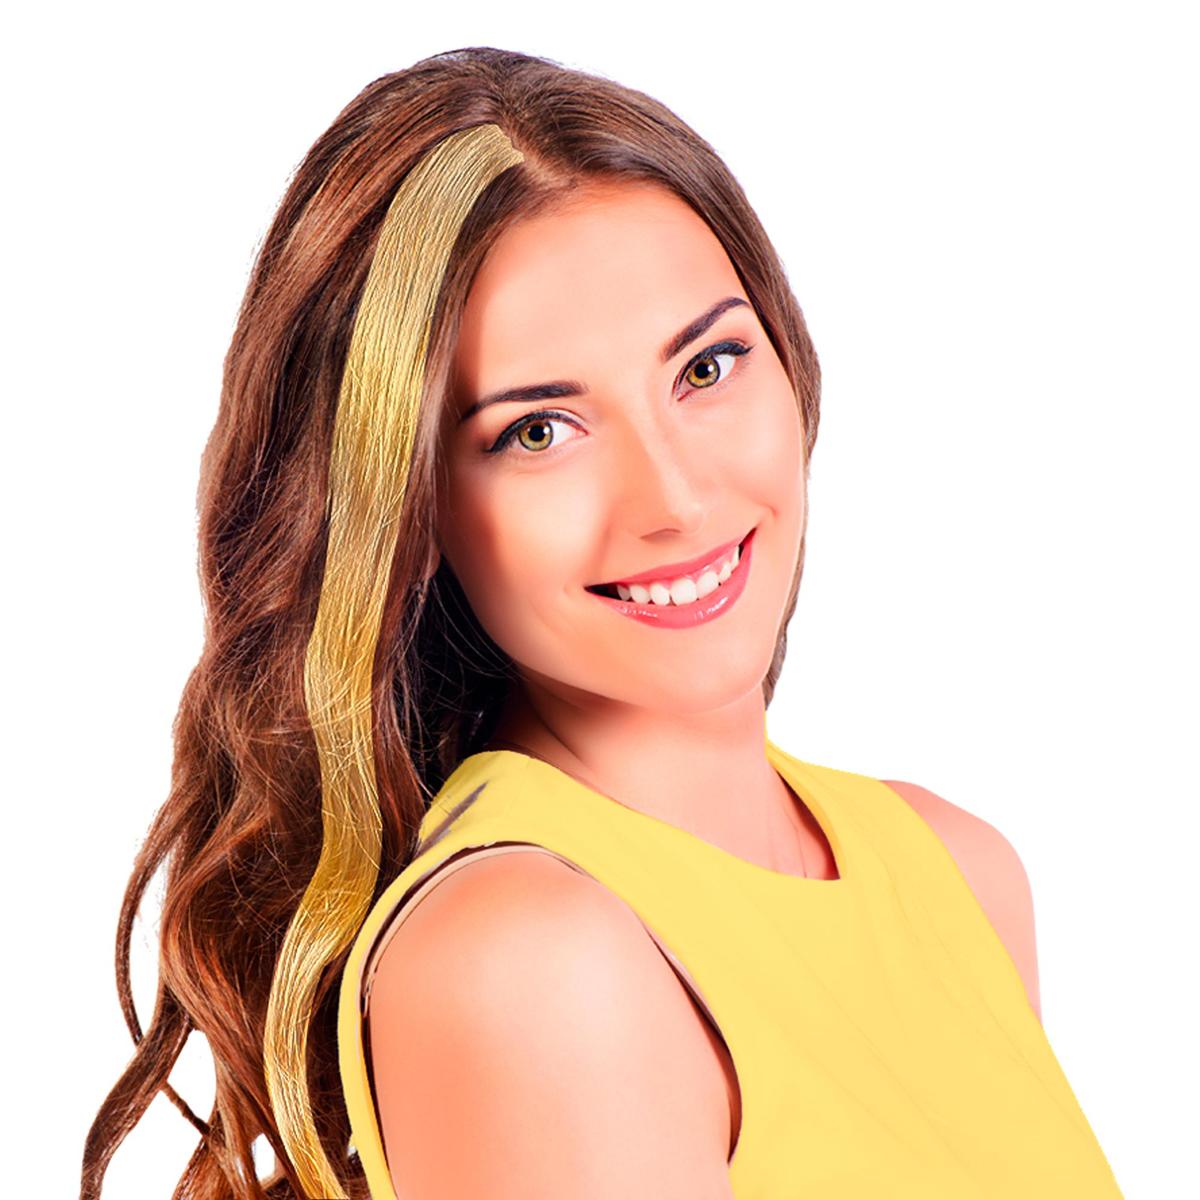 Mèche \'Coloriage\' jaune (faux cheveux) - 40 cm - [R2724]